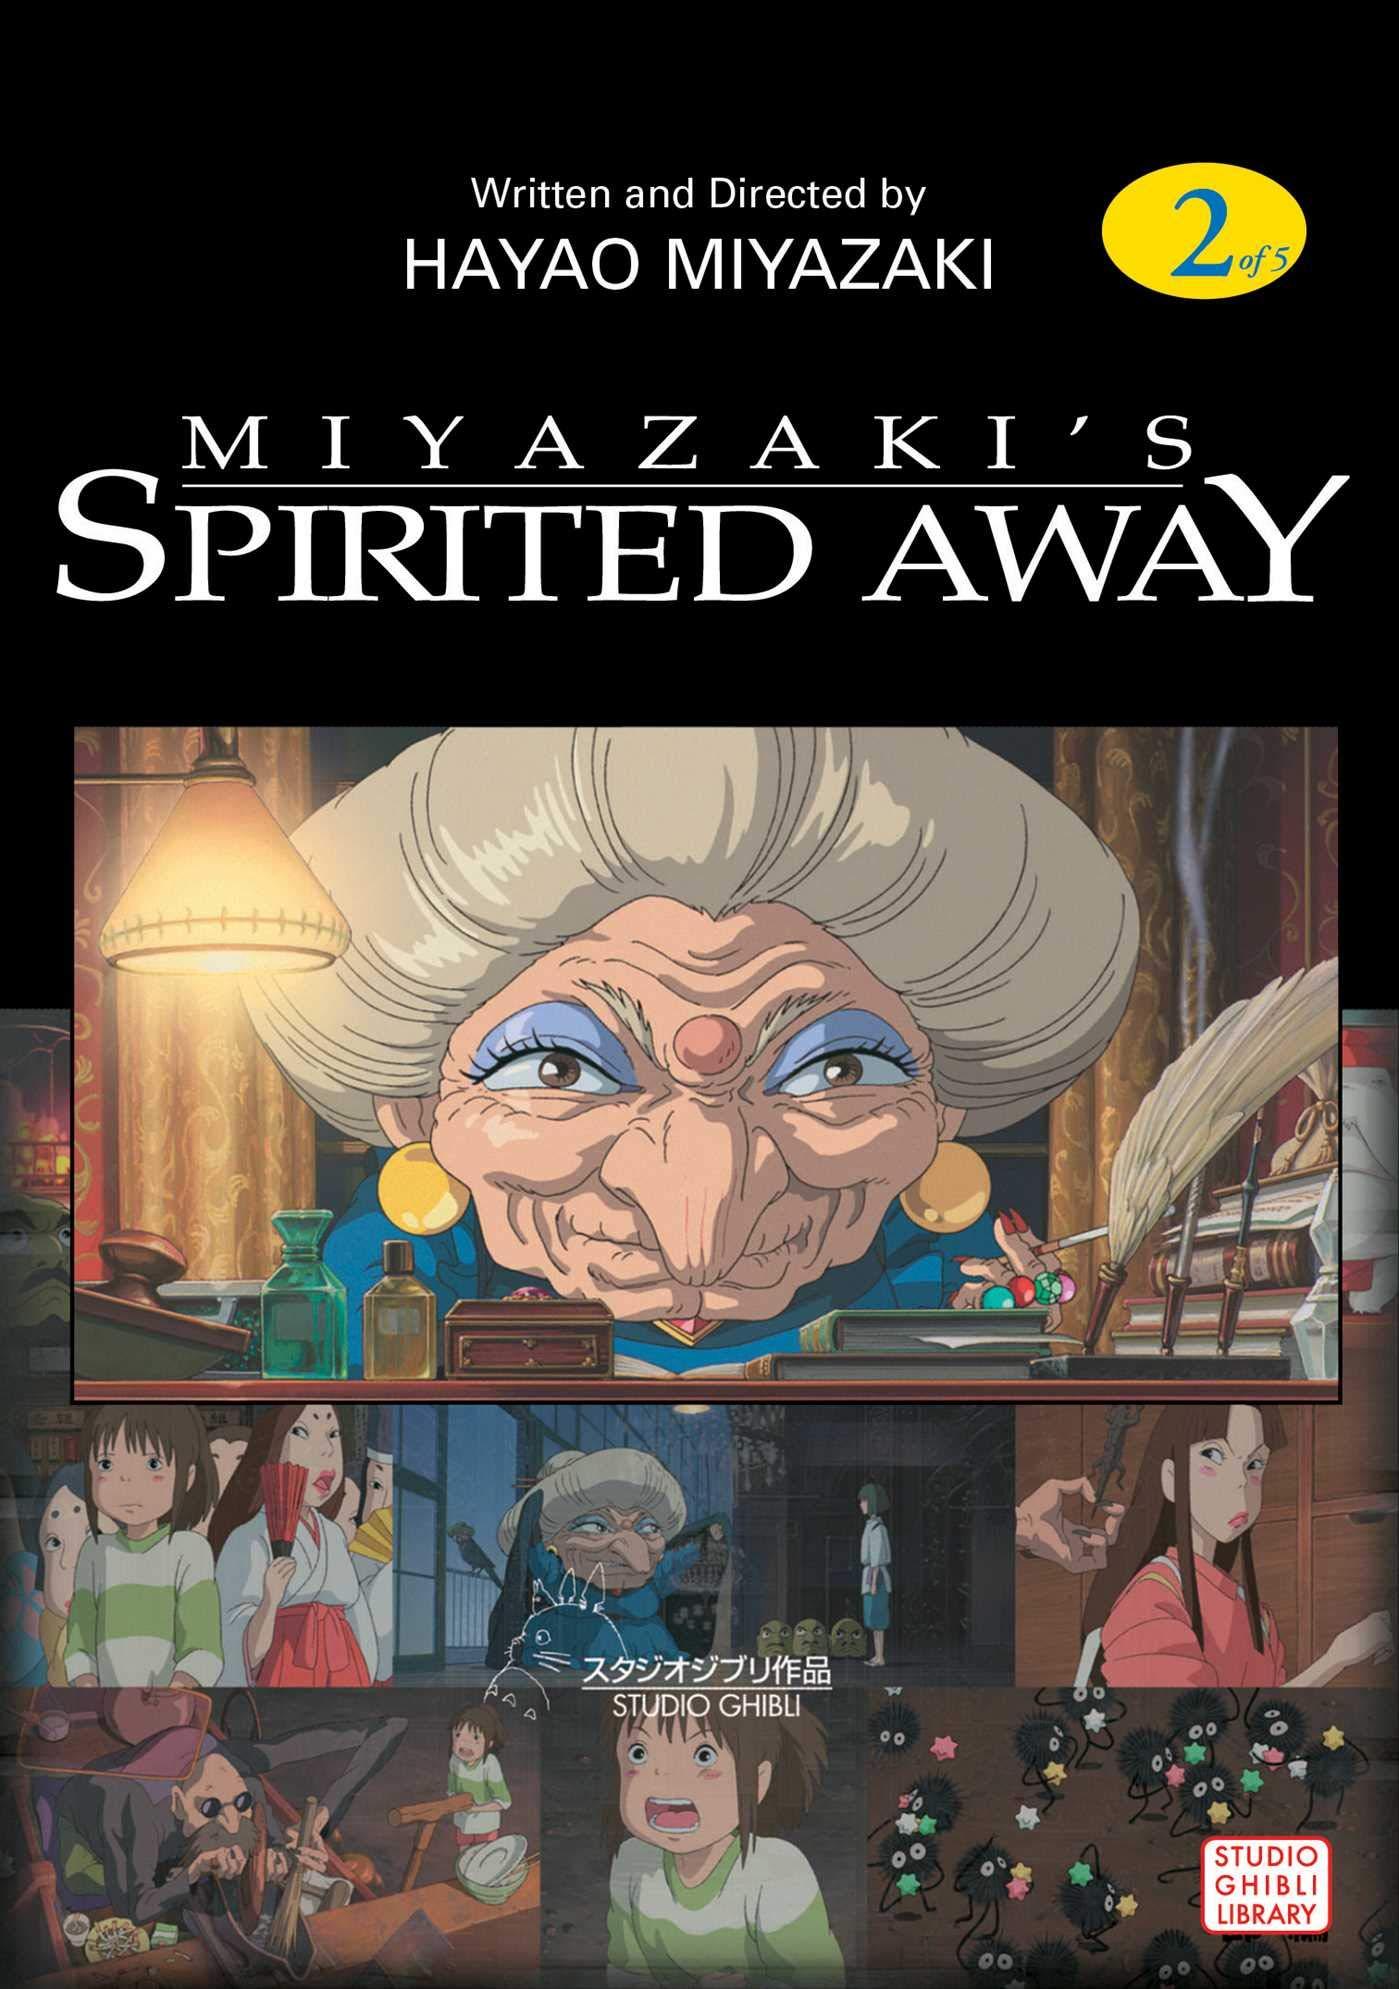 Spirited Away Studio Ghibli Haku and Chihiro Macbook Decal Wall Sticker 78